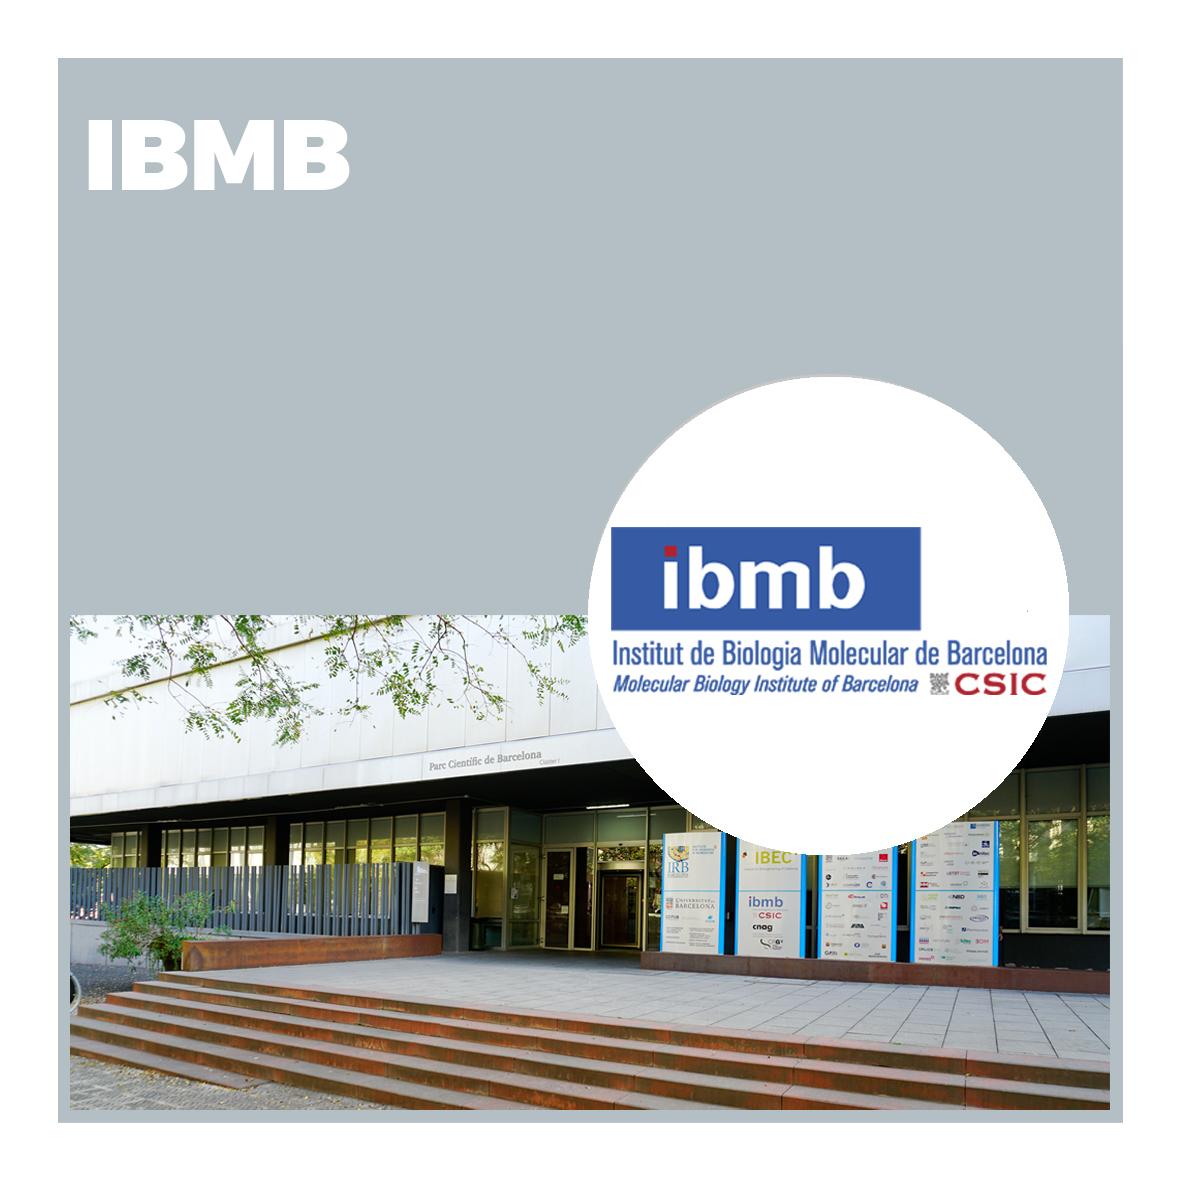 Instituto de Biología Molecular de Barcelona (IBMB)